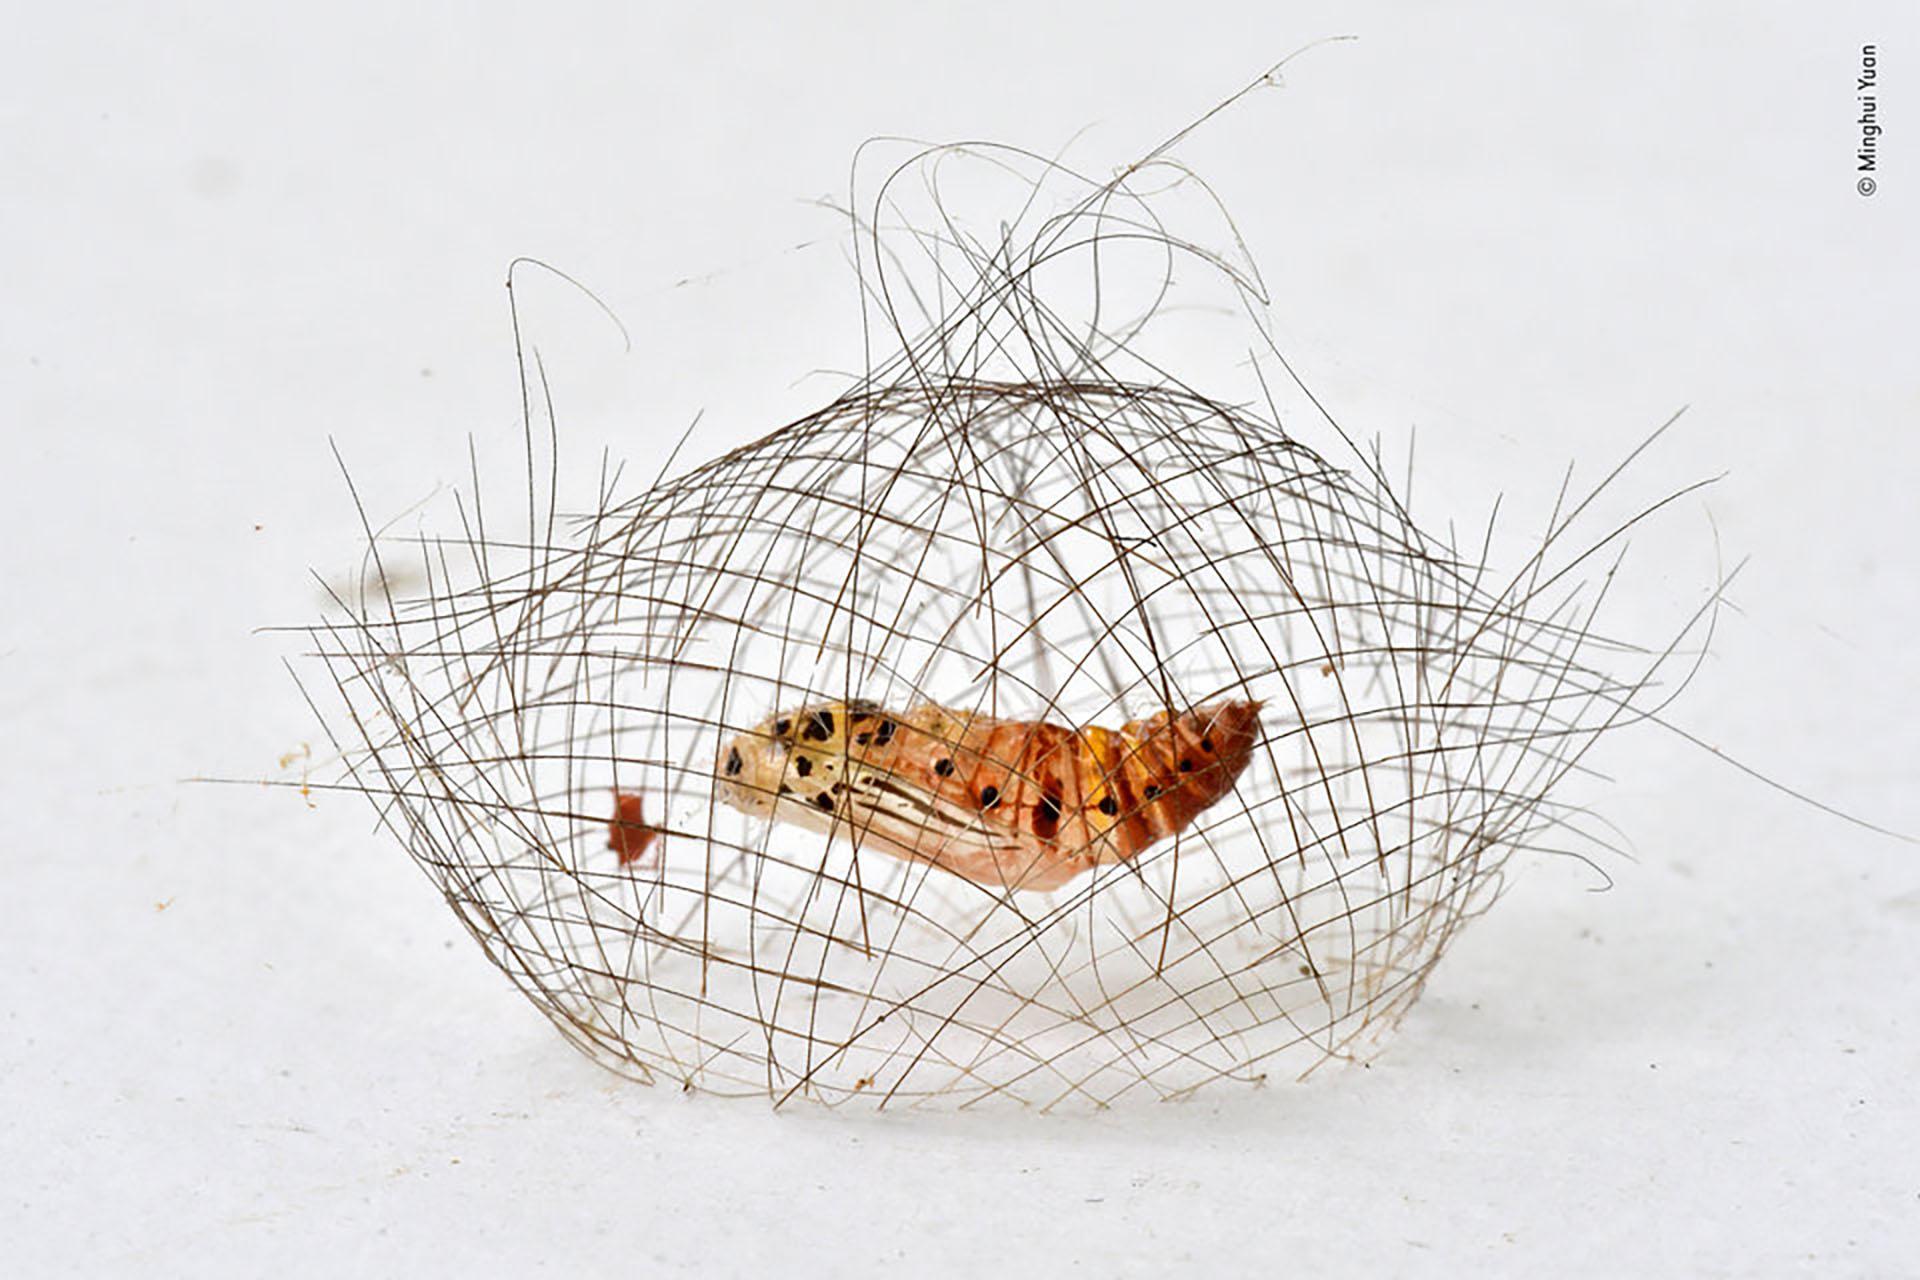 Un capullo de una pupa de polilla de Cyna. (Minghui Yuan/Fotógrafo de vida silvestre del año)